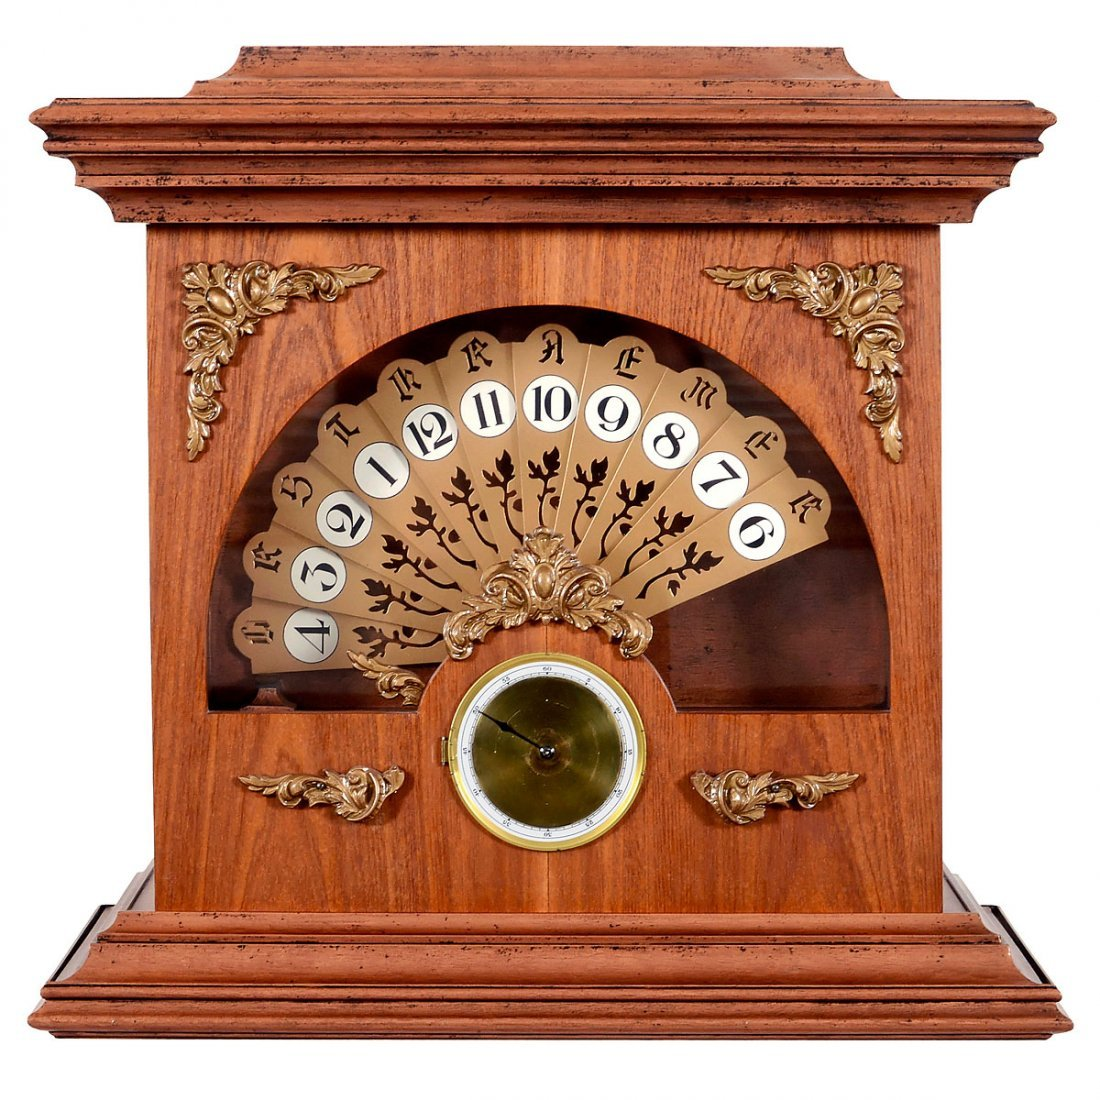 Unusual Fan Clock